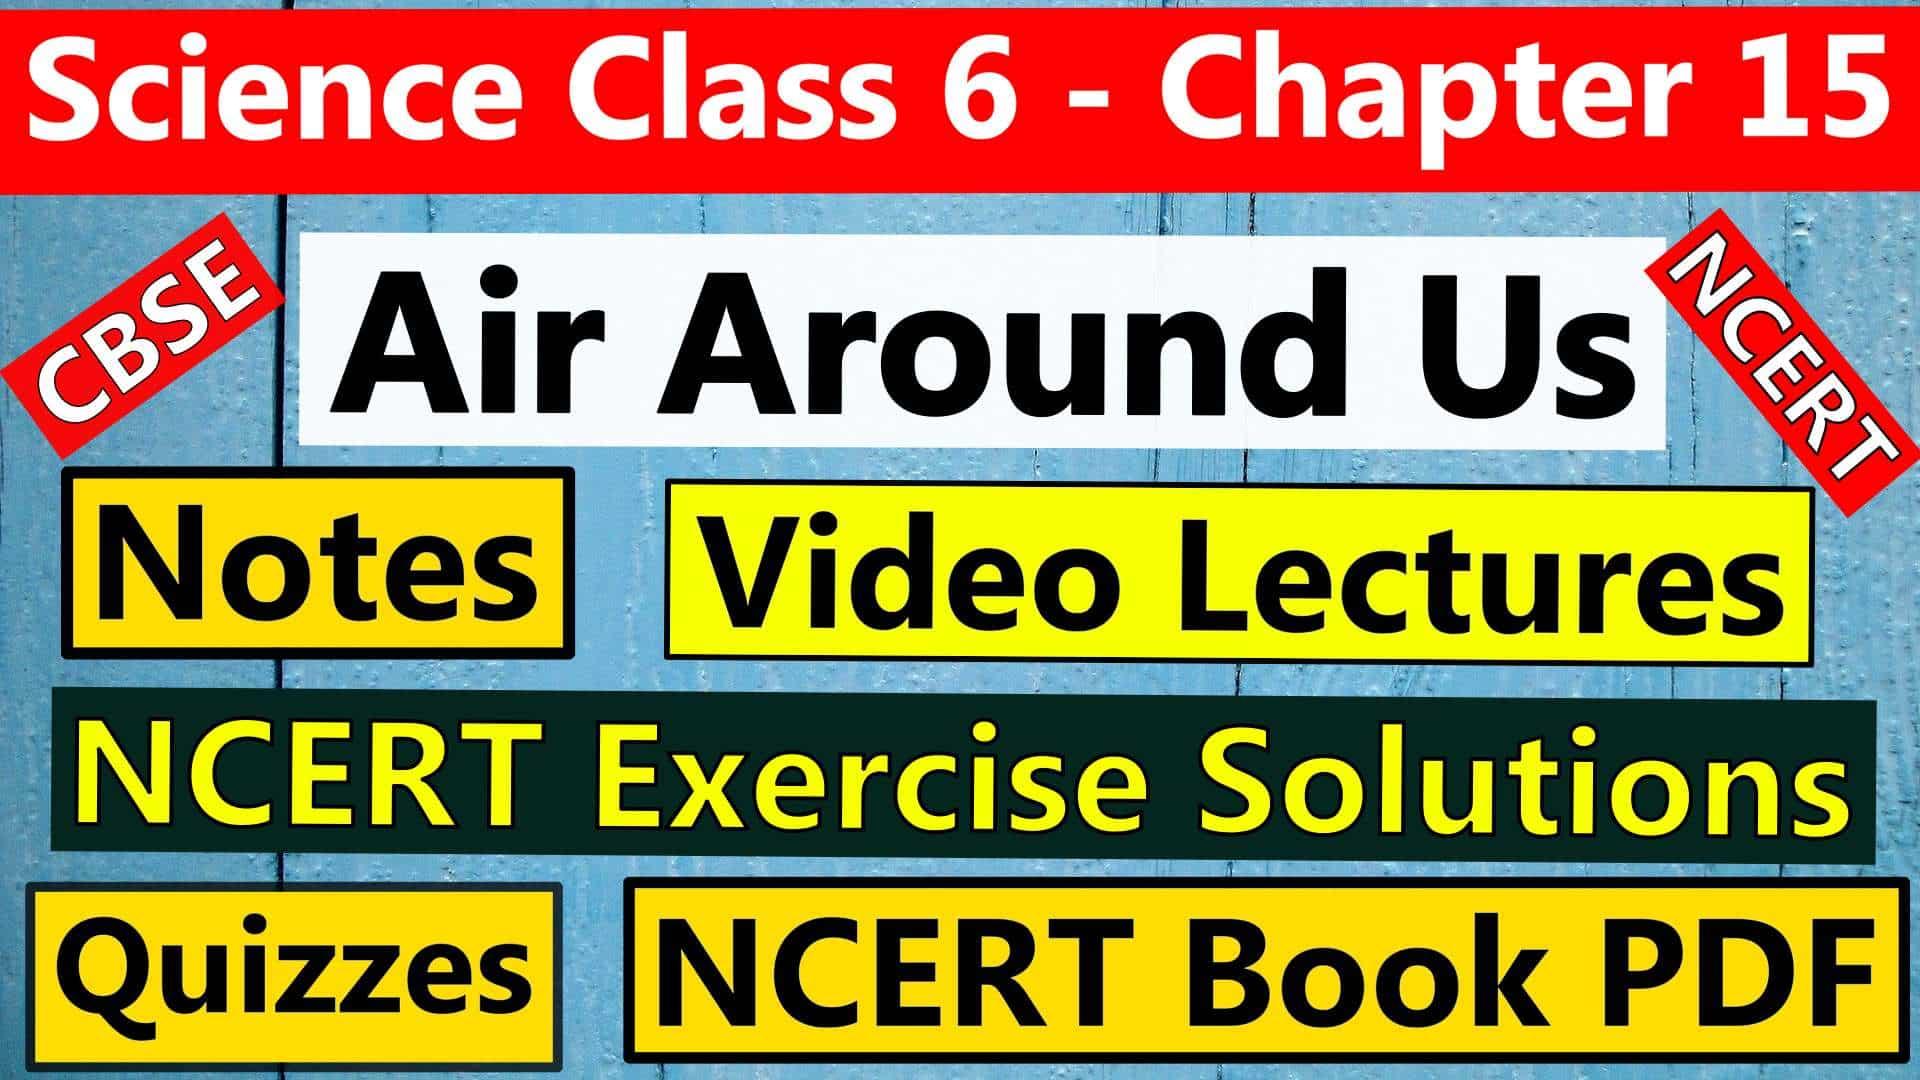 Cbse Science Class 6